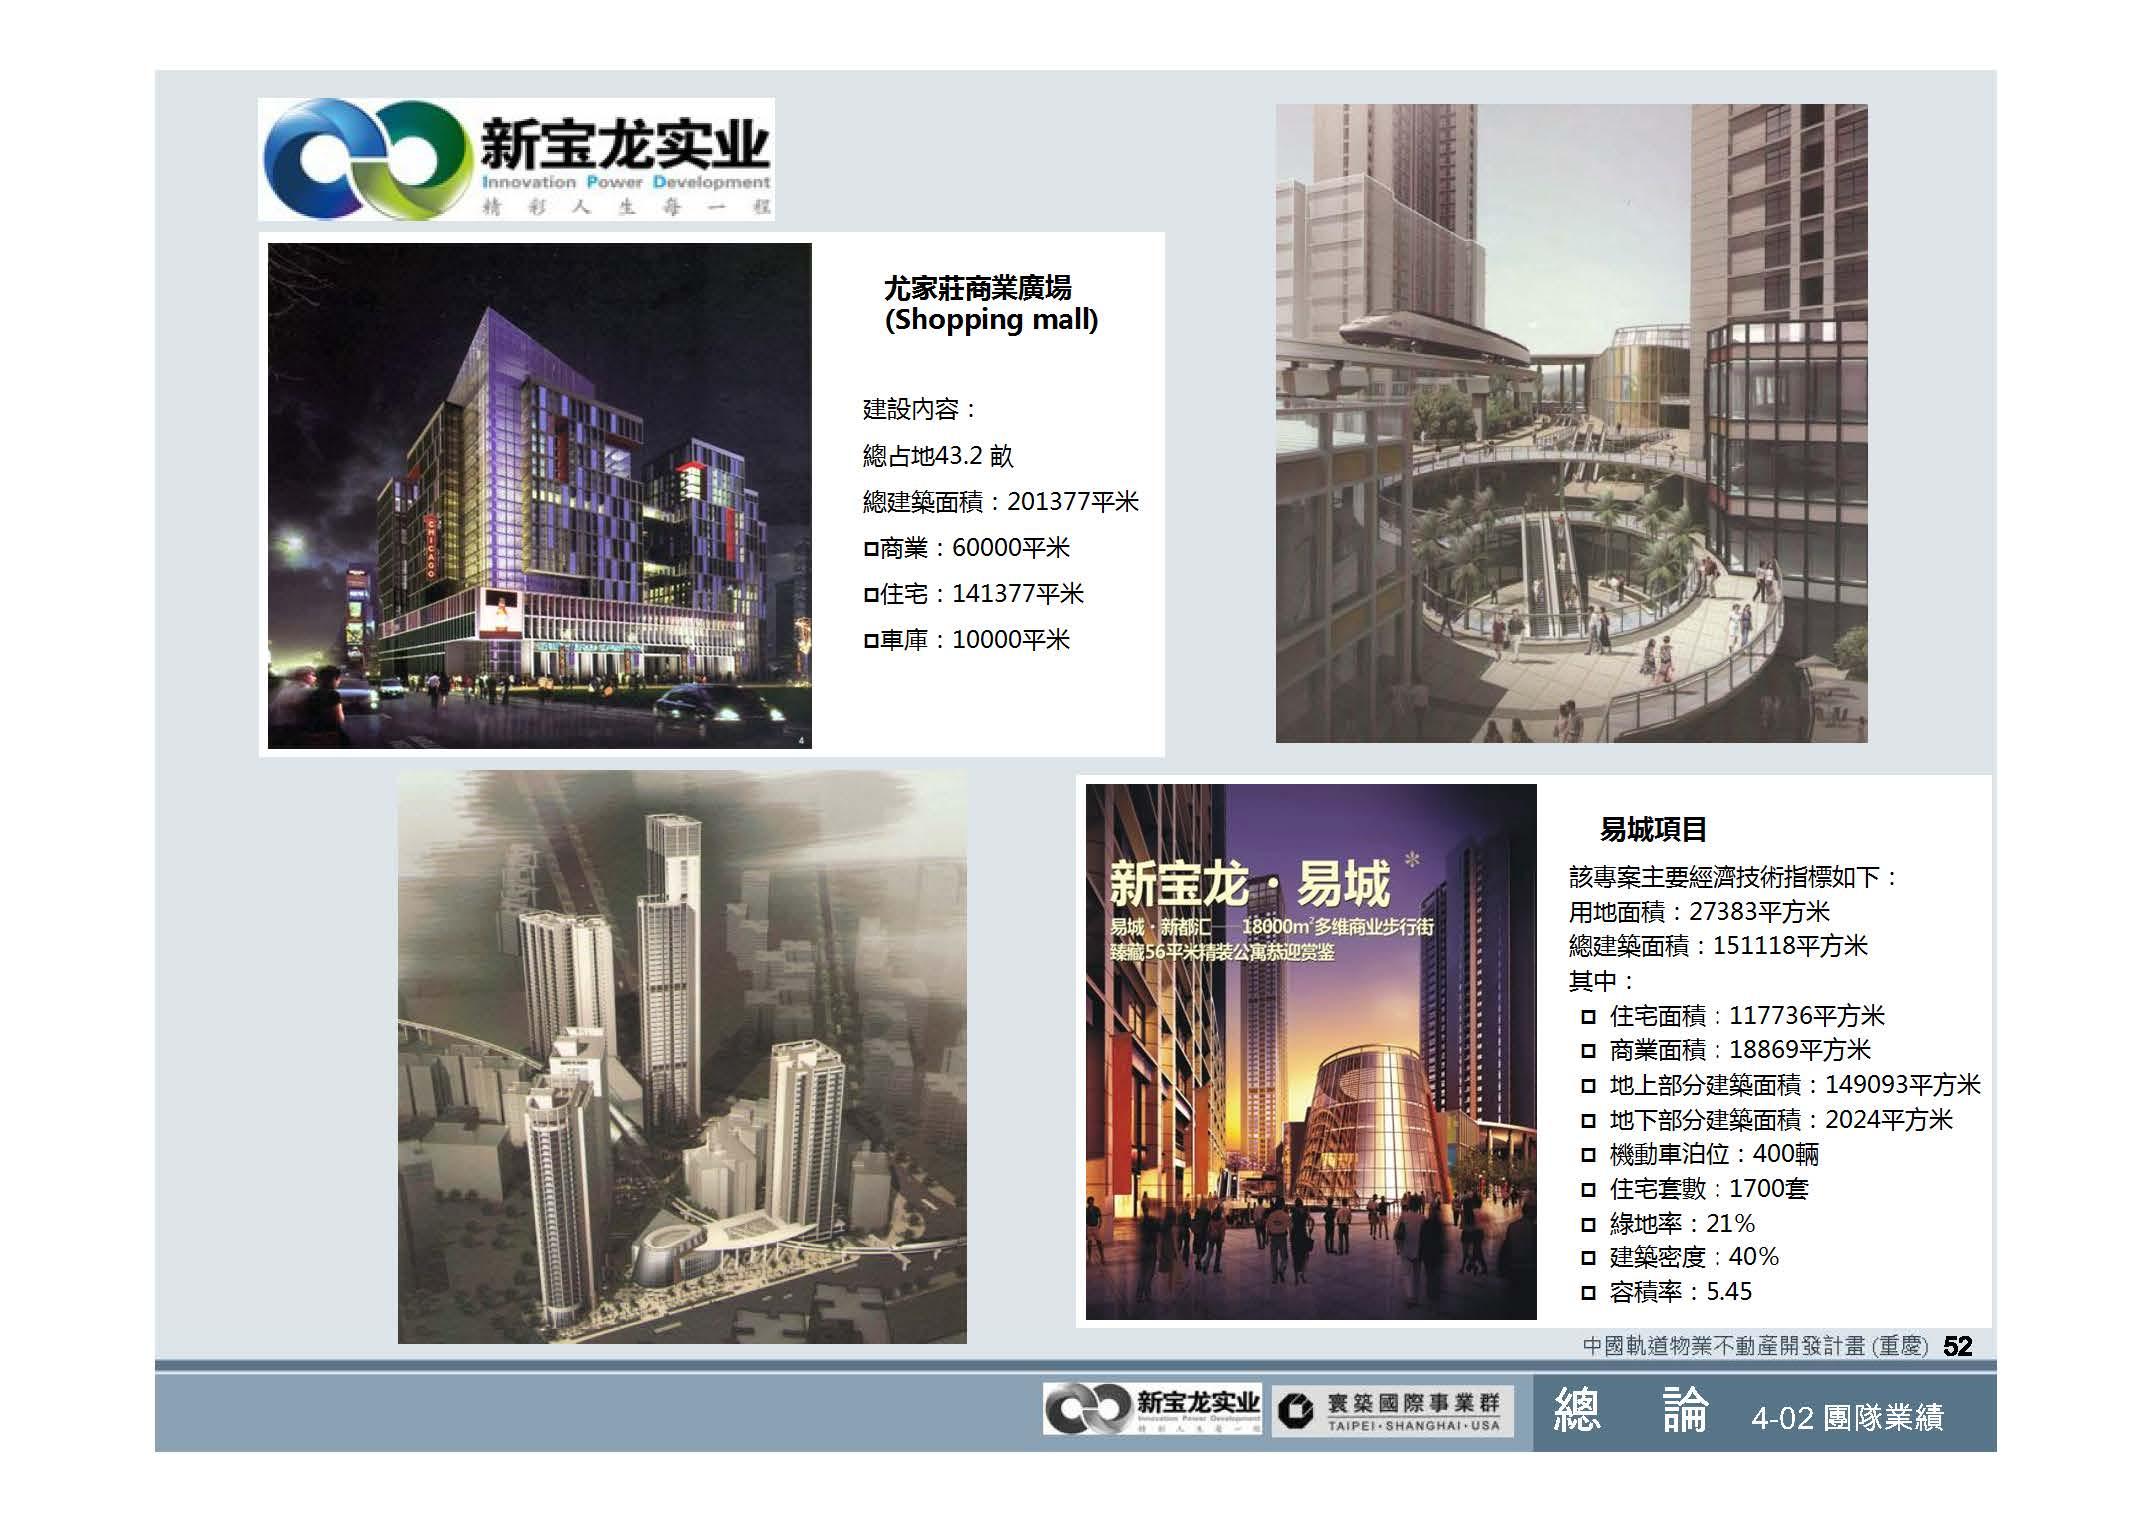 20100812-中國軌道物業不動產開發計畫(重慶)_頁面_53